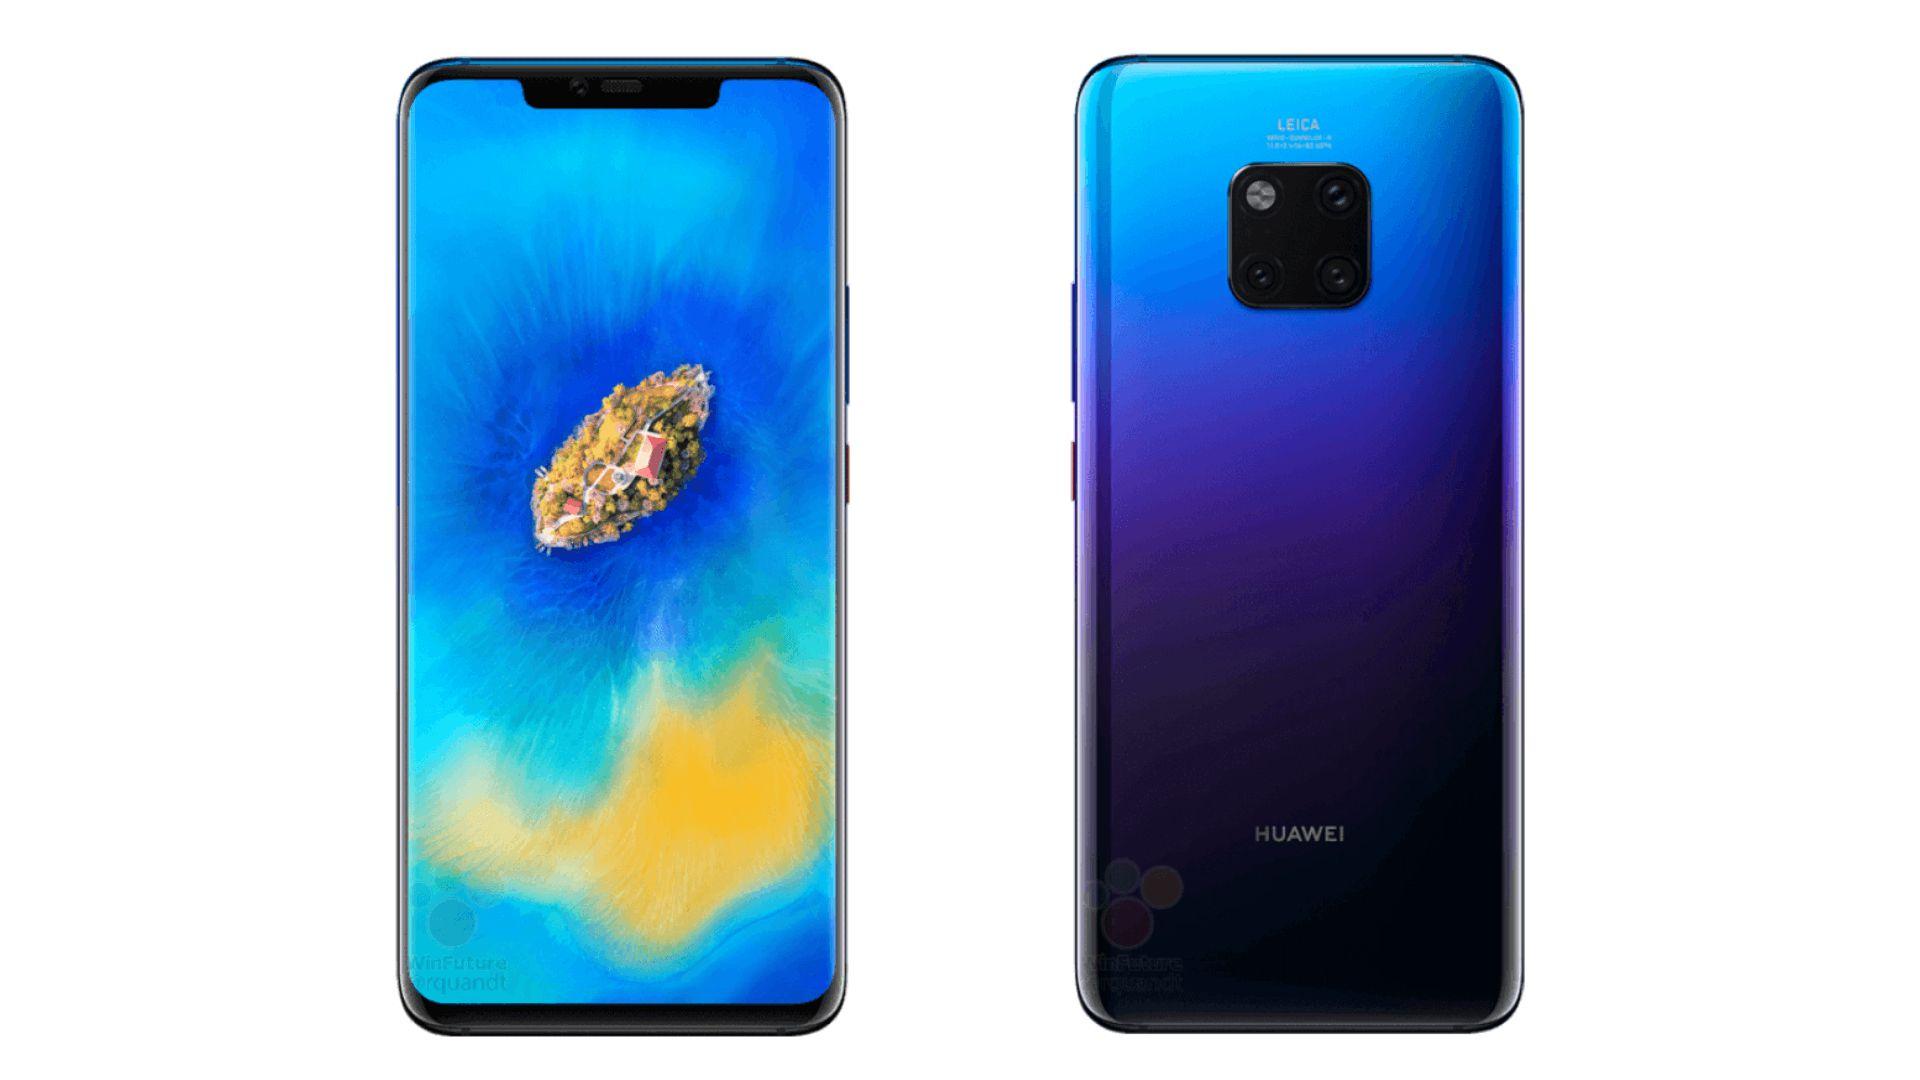 Huawei Mate 20 Pro Leaks Yet Again In Official Press Renders